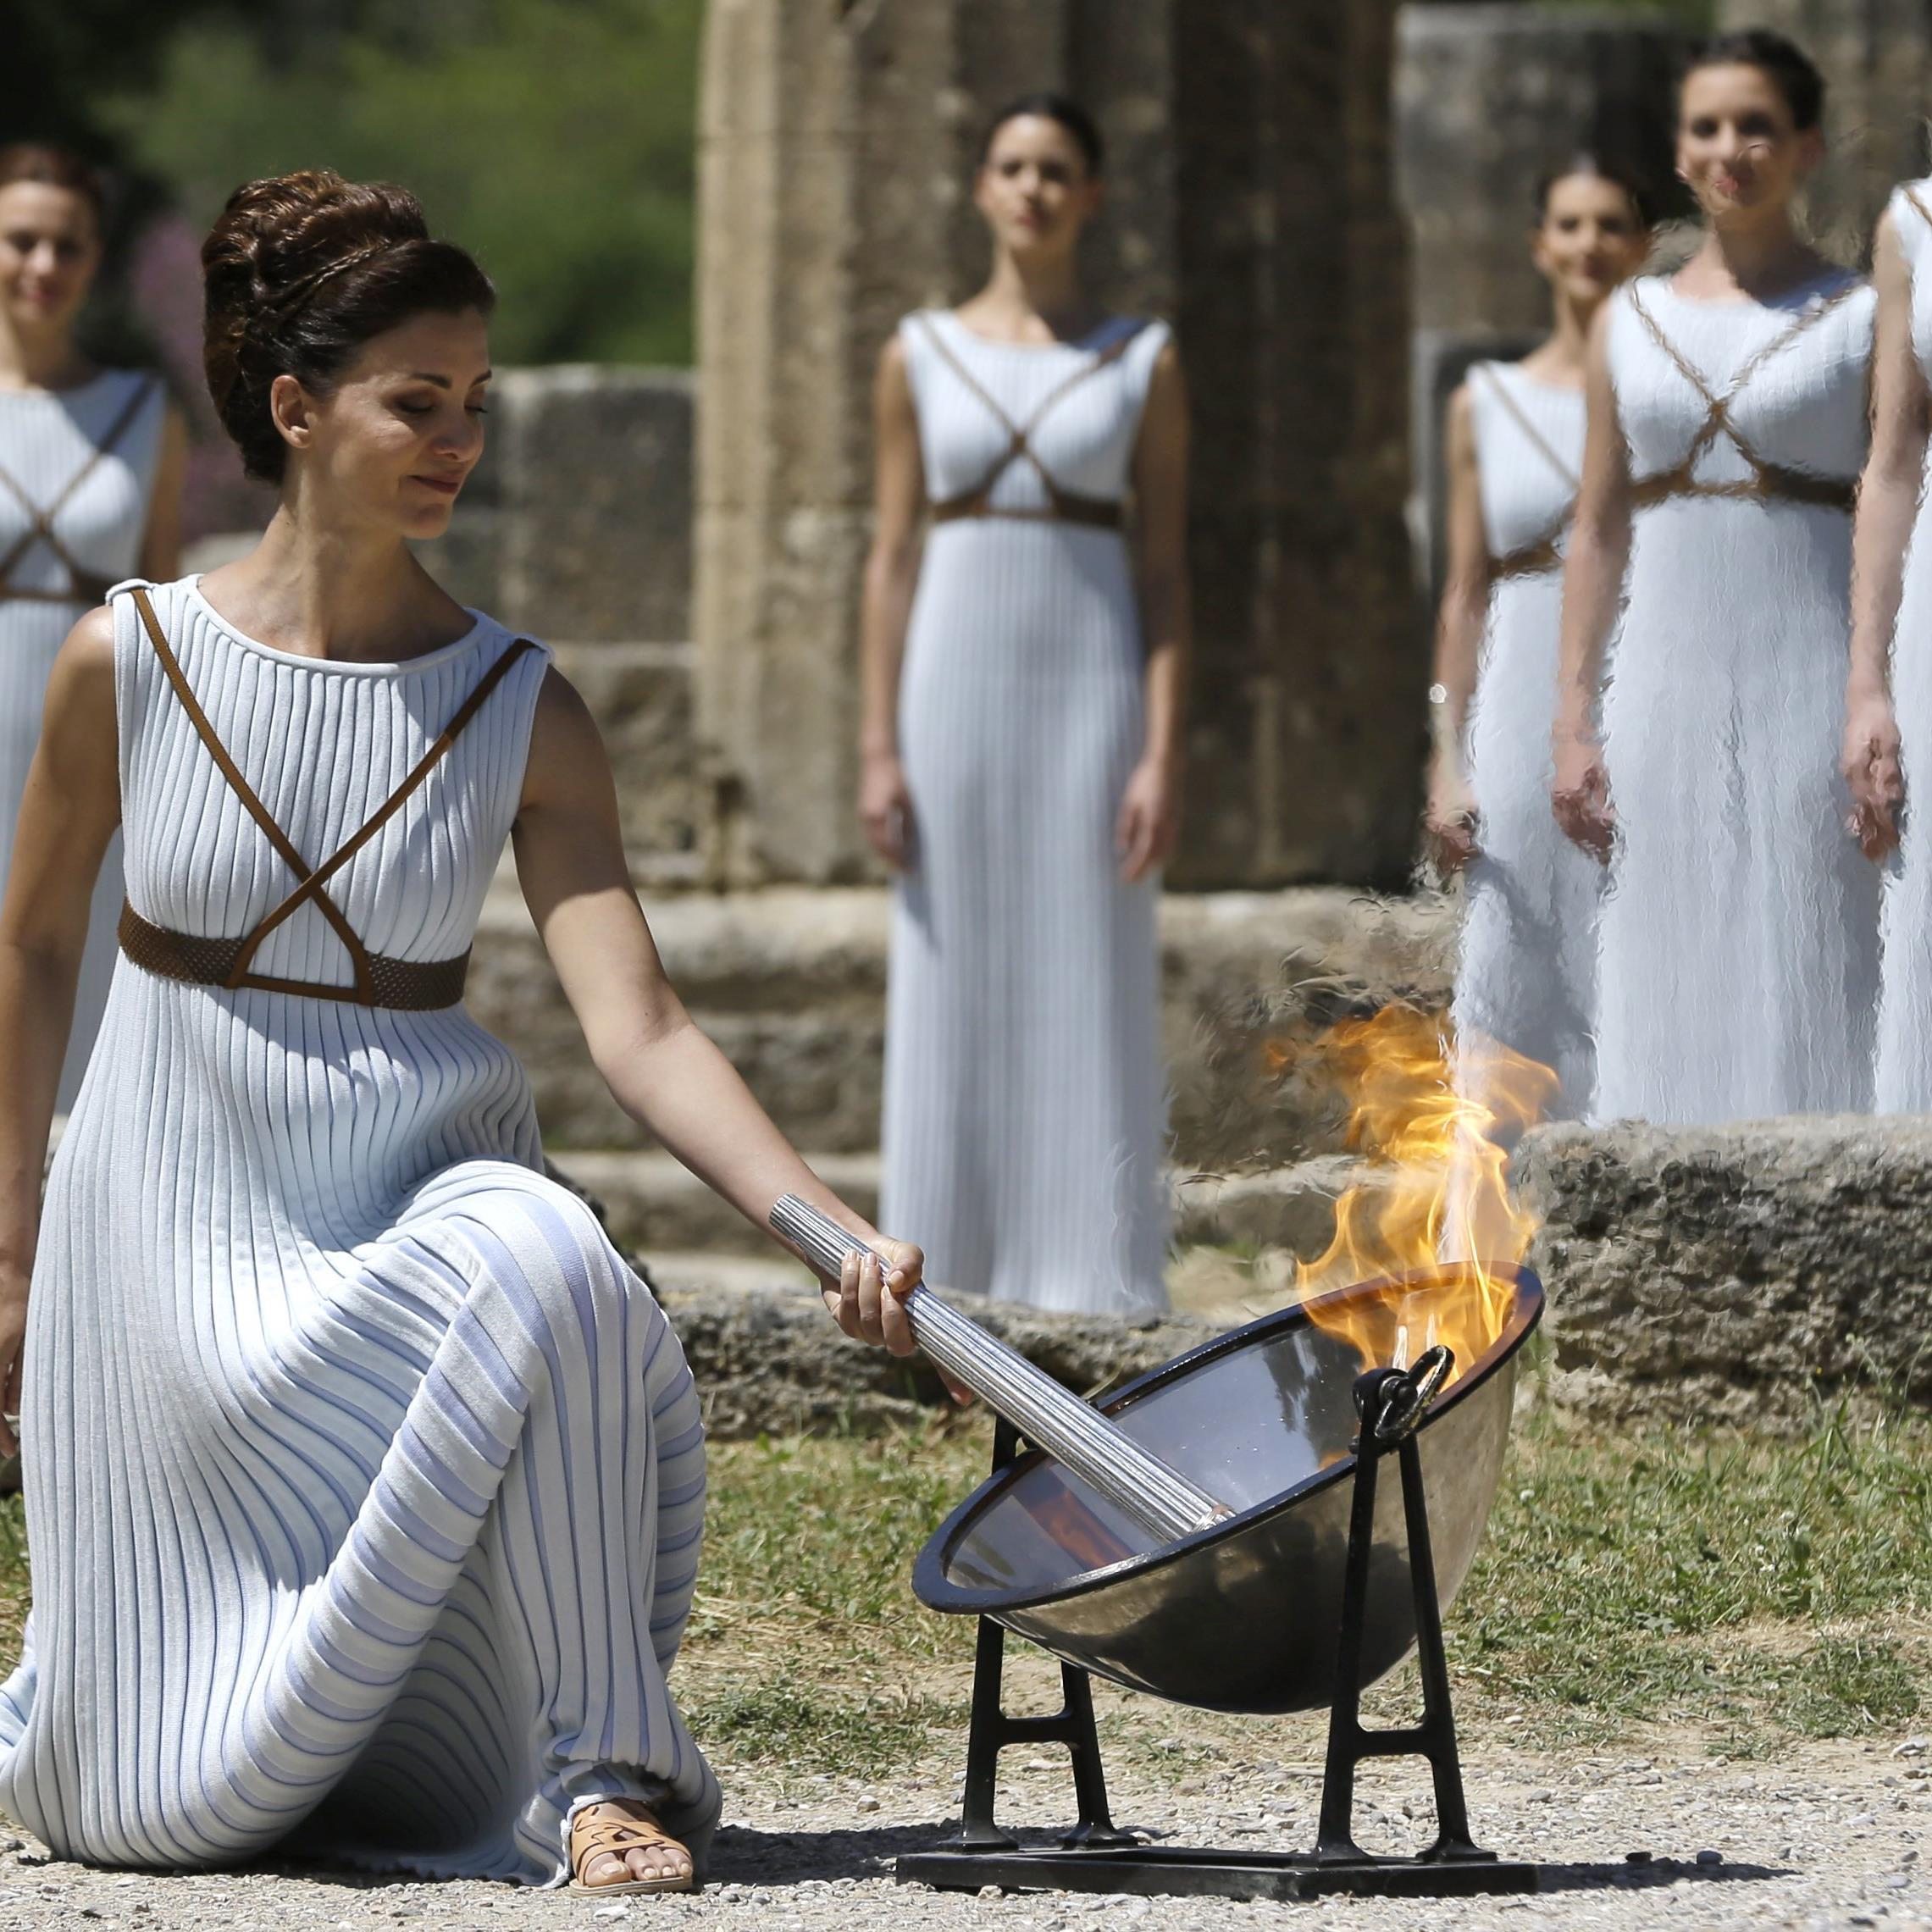 In der antiken Städte Olympia wurde das Feuer für die Sommerspiele in Rio de Janeiro entfacht